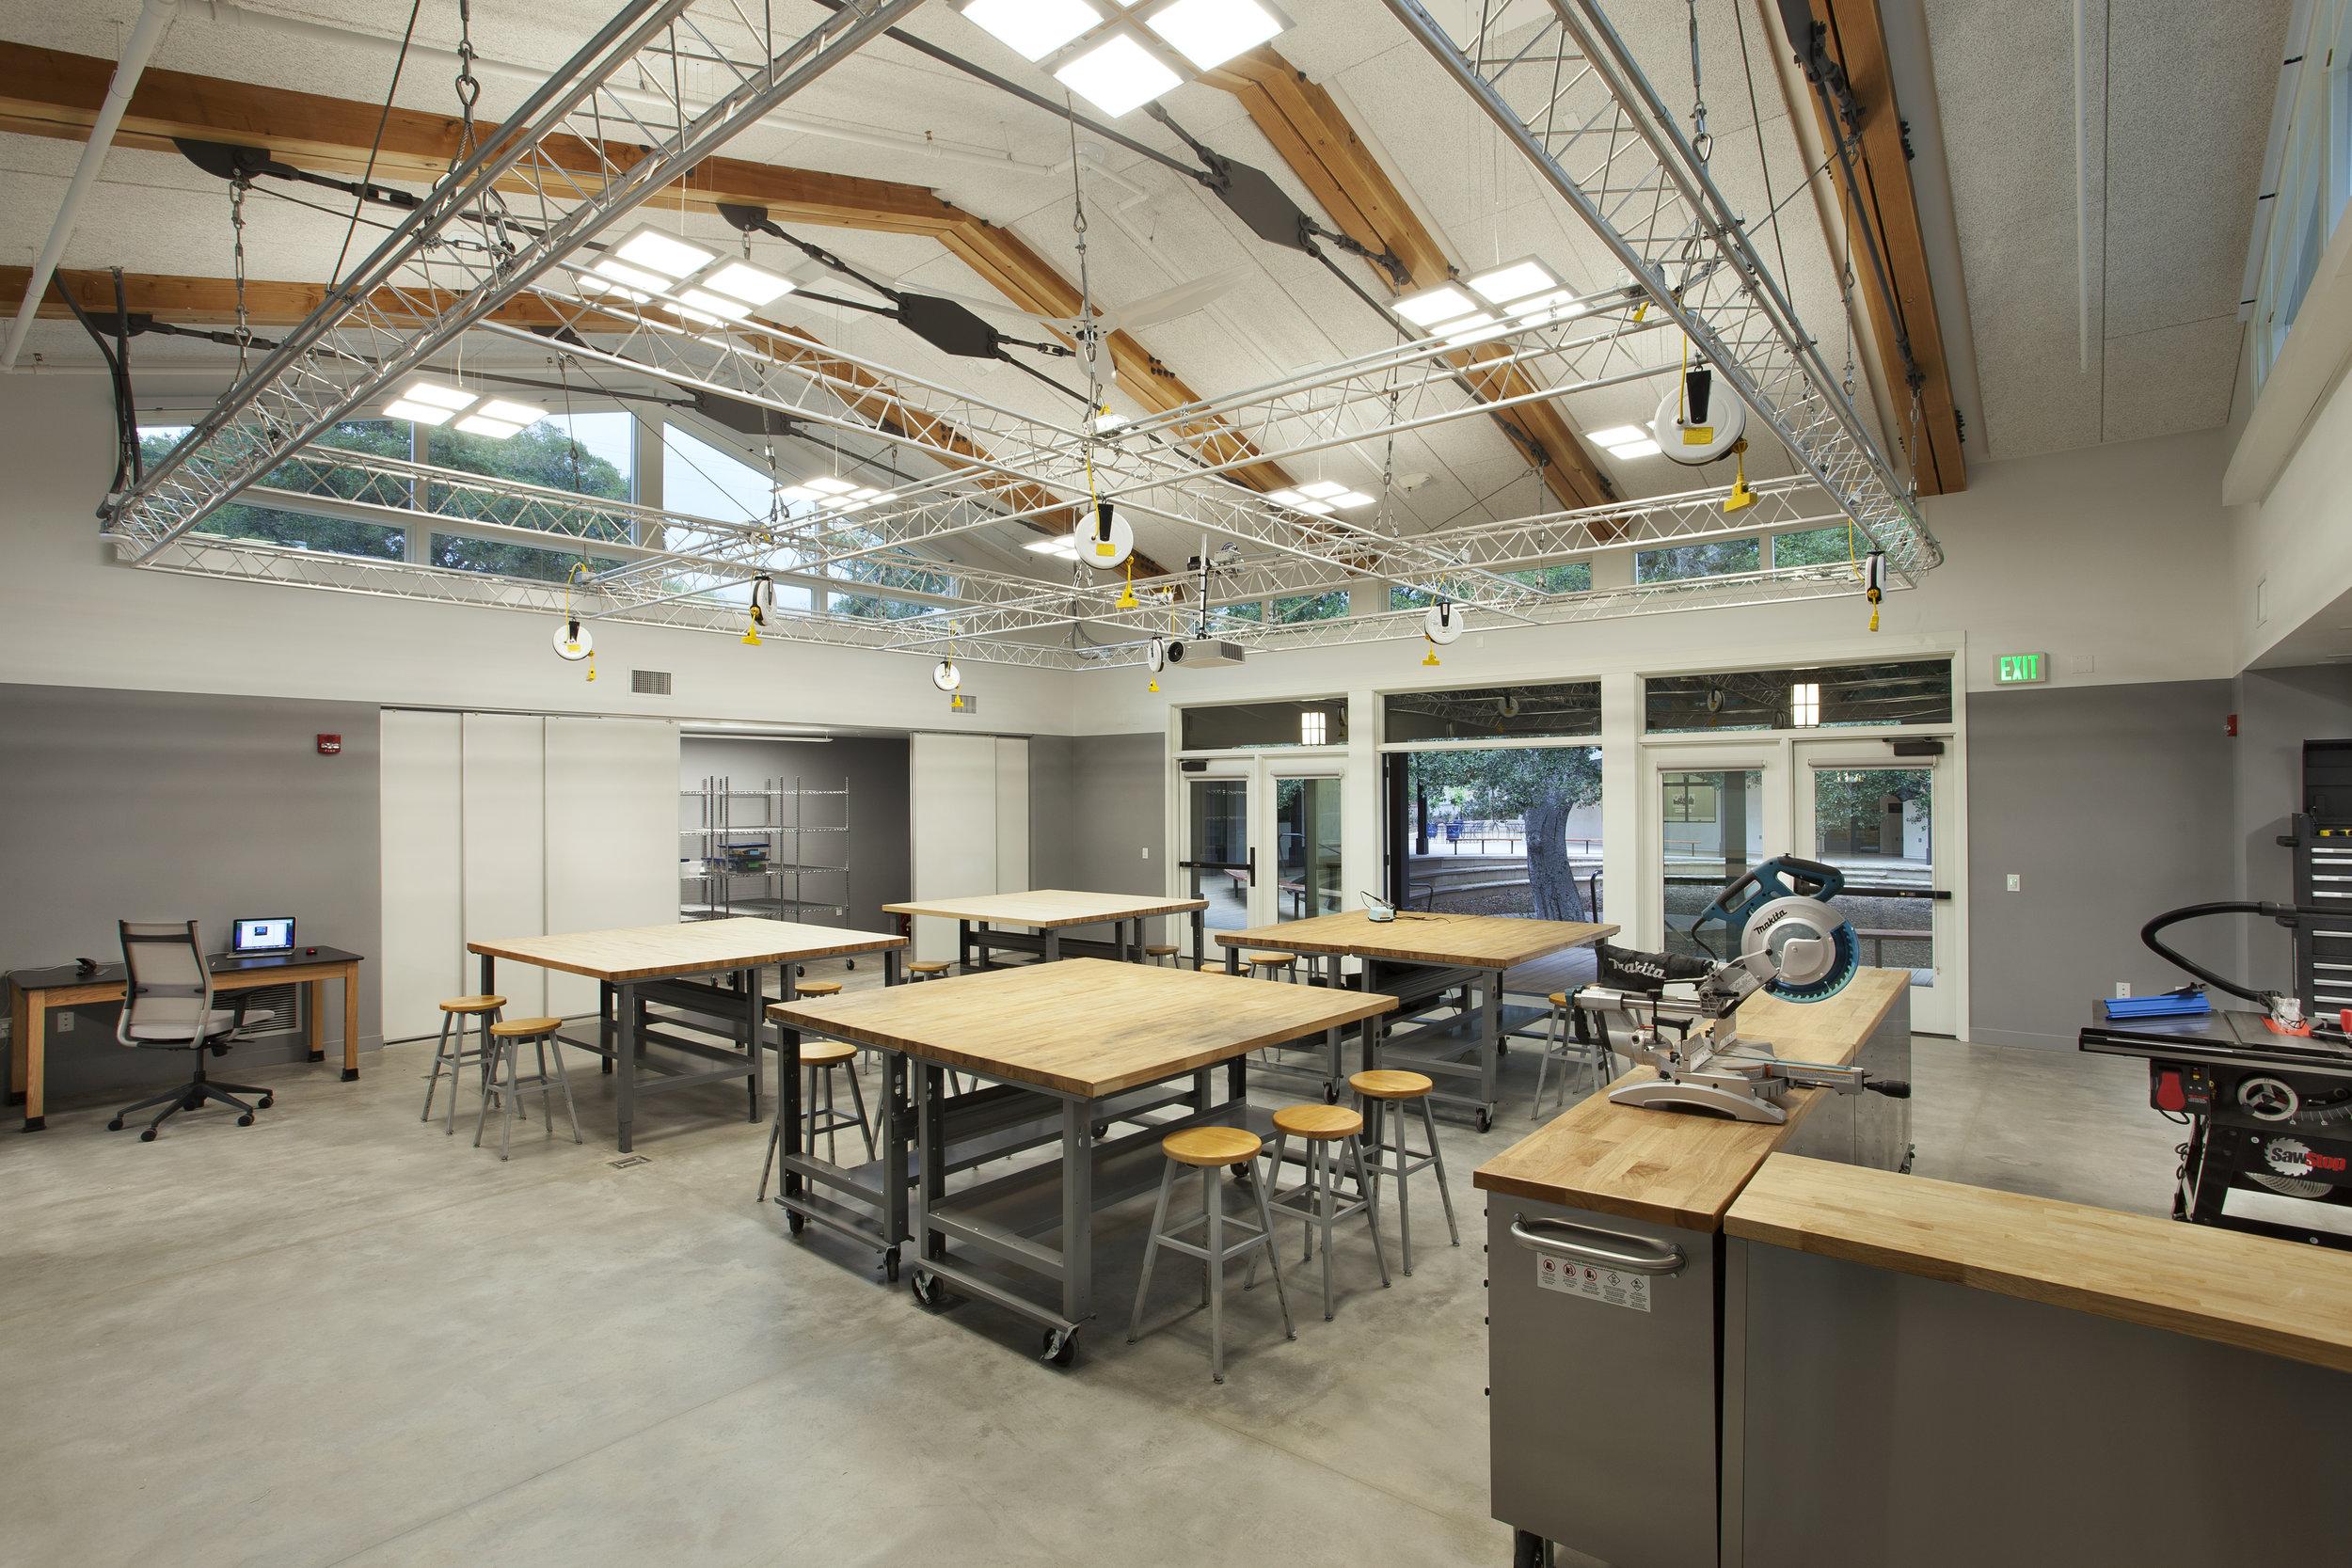 Oak Tree Quad & Classrooms — Frank Schipper Construction Company